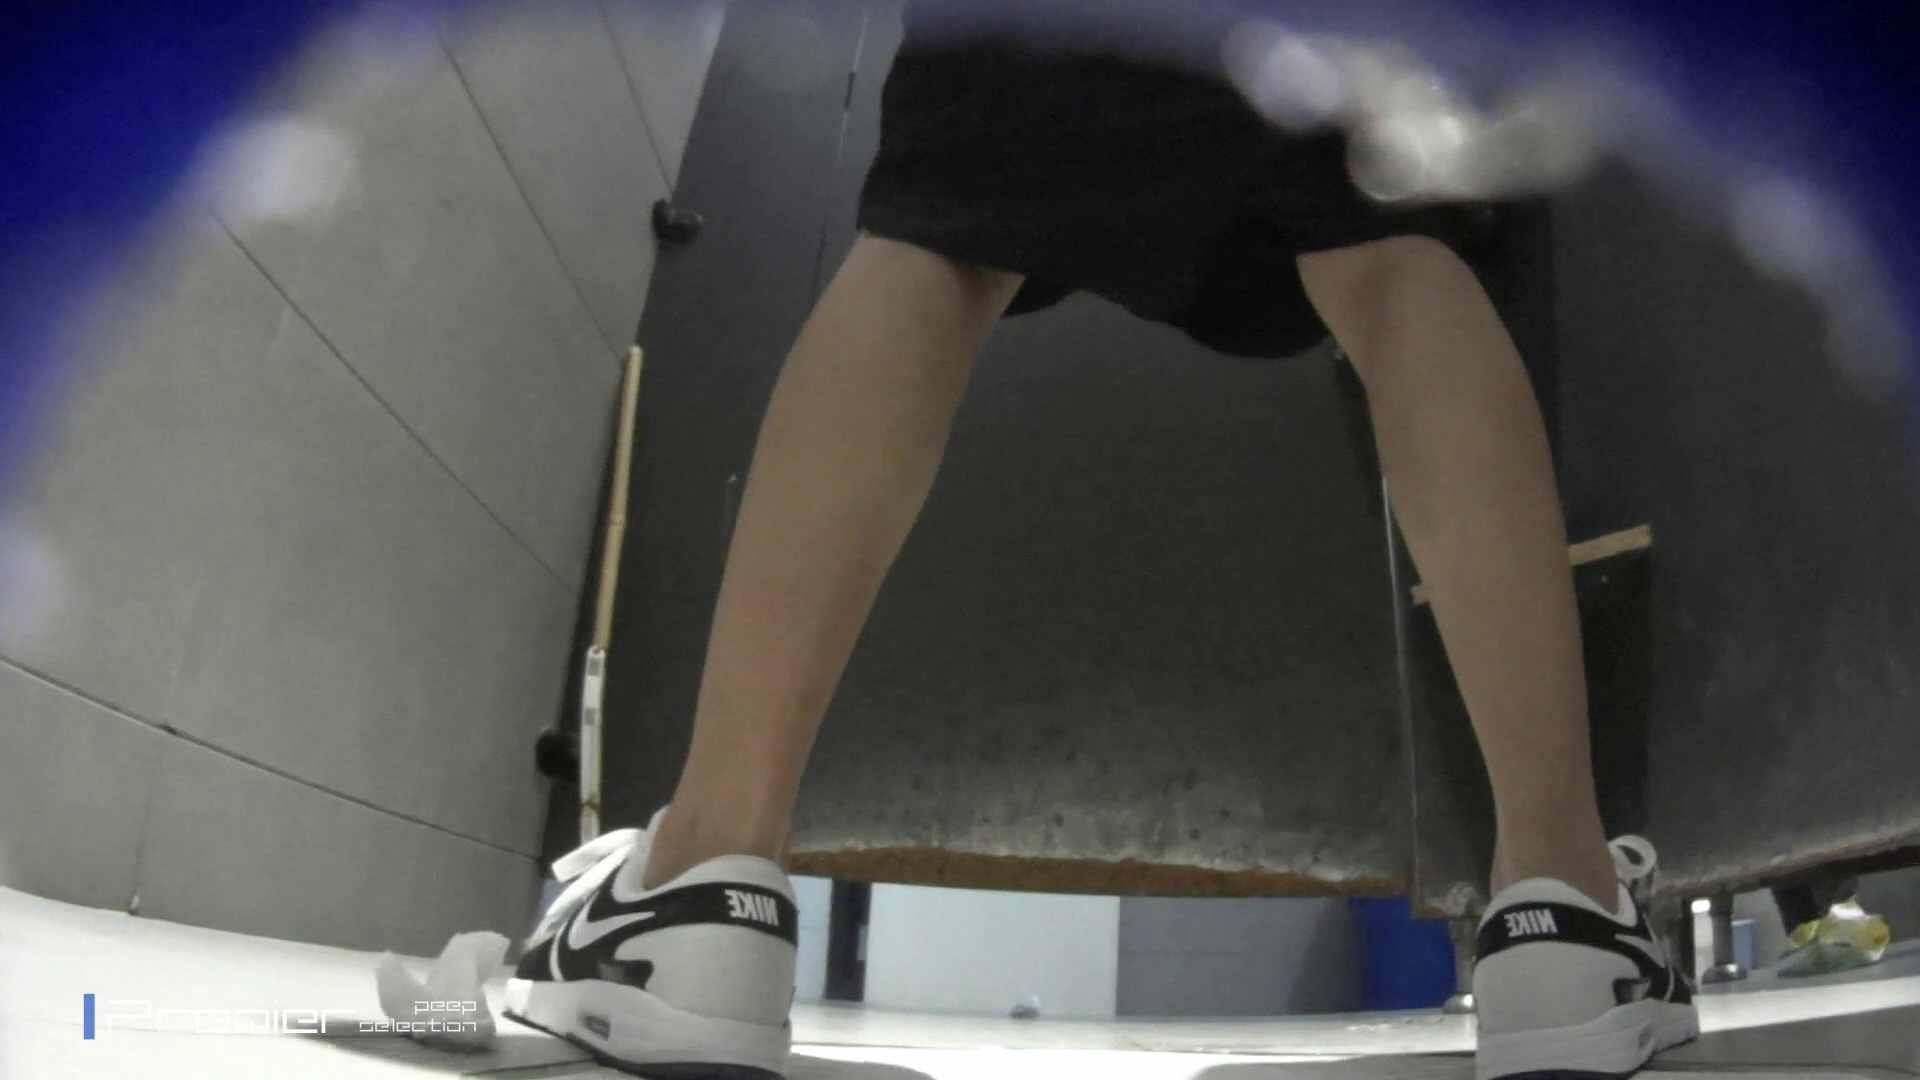 放nyo盛り合わせ! 大学休憩時間の洗面所事情71 美女のボディ スケベ動画紹介 59PIX 11